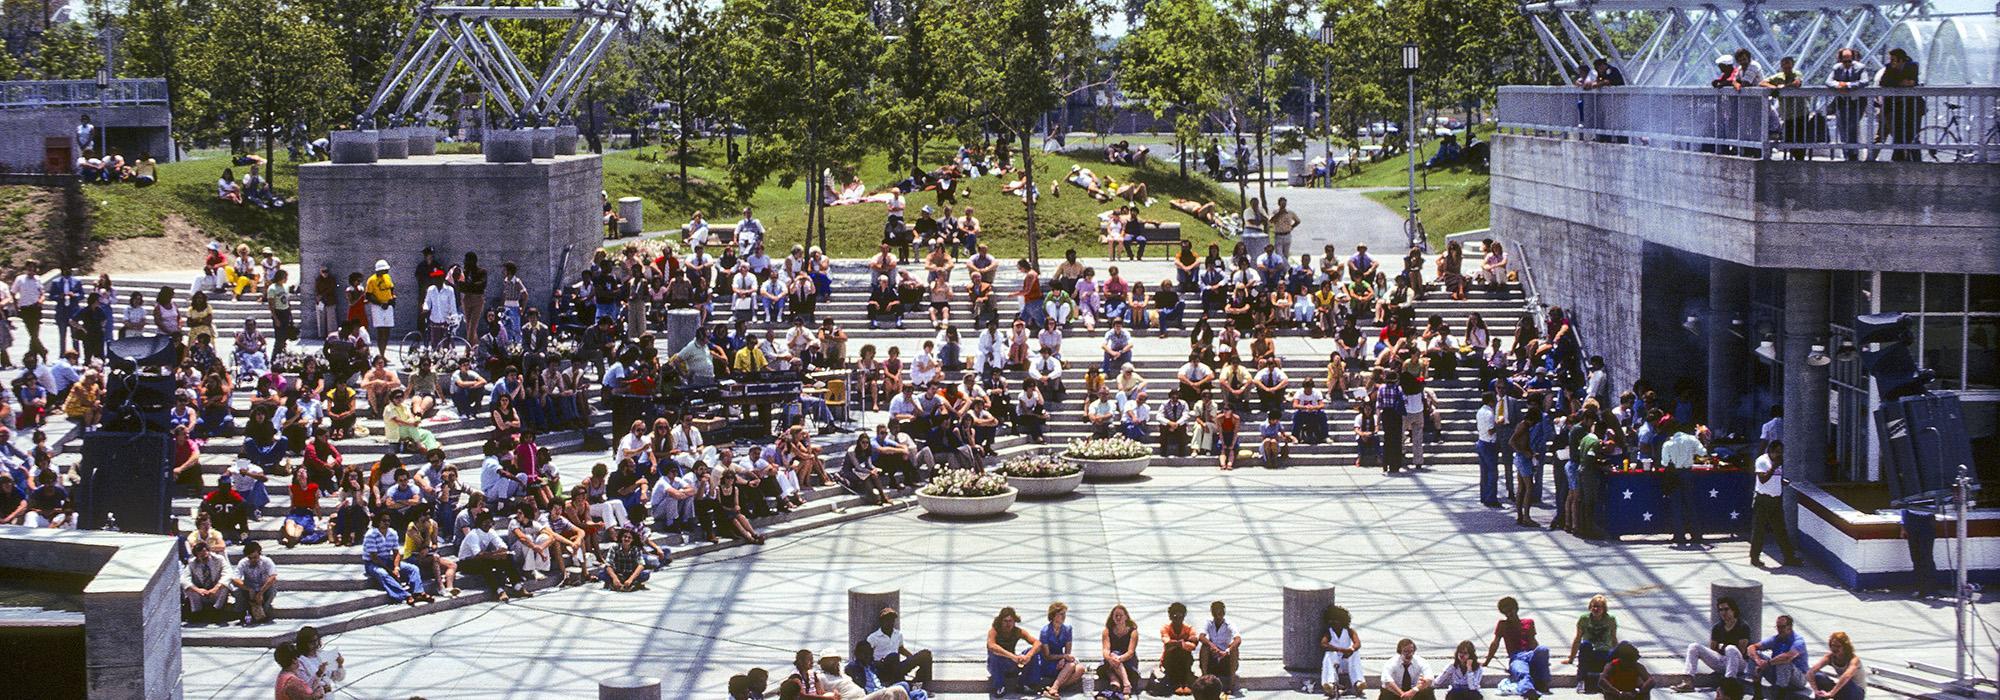 ManhattanSquarePark.jpg